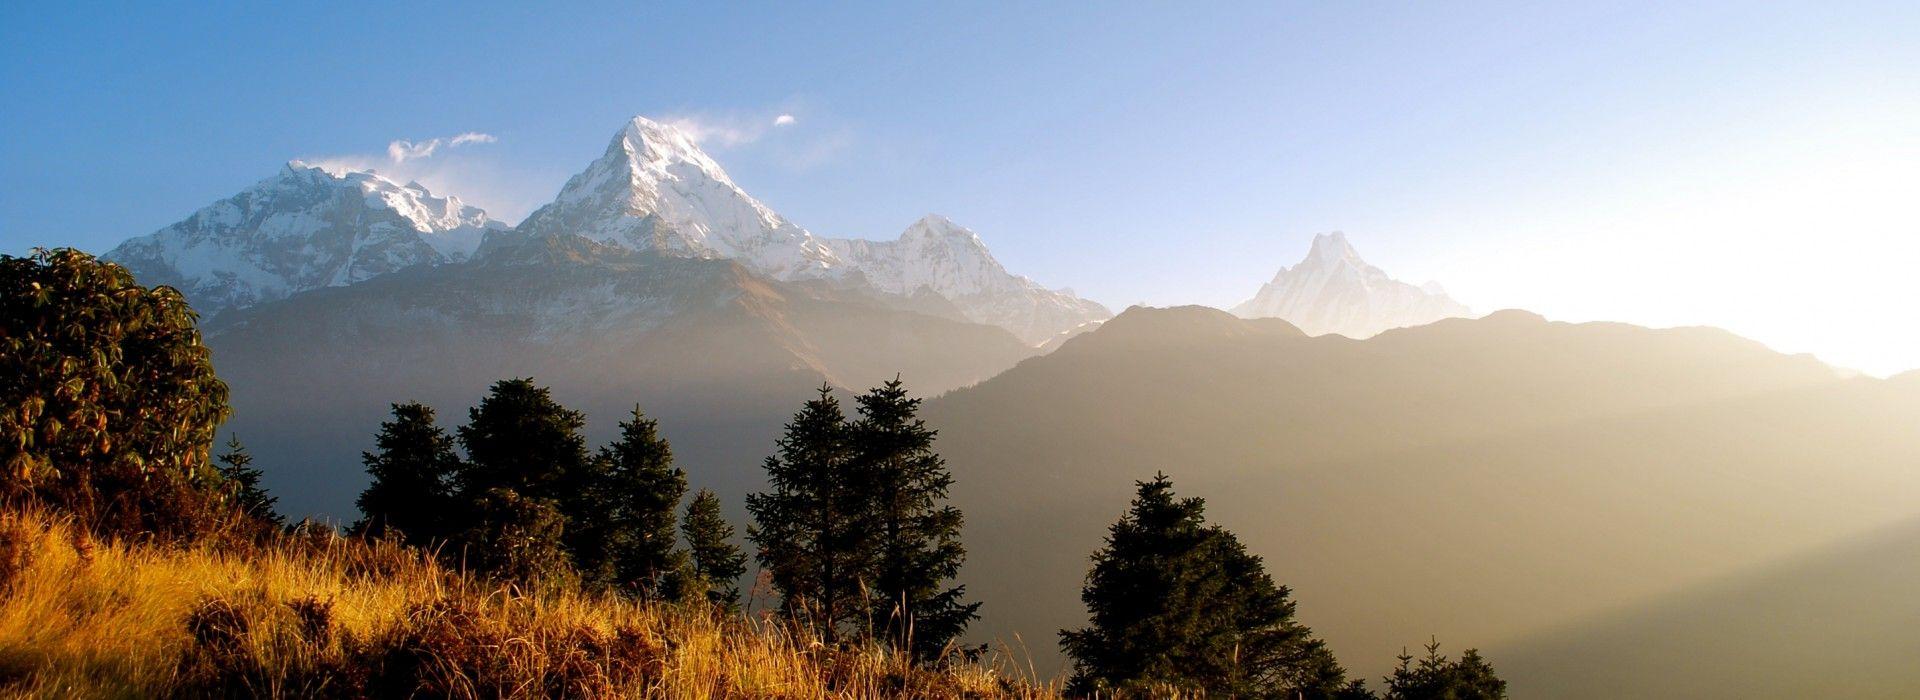 Mountain biking Tours in Nepal